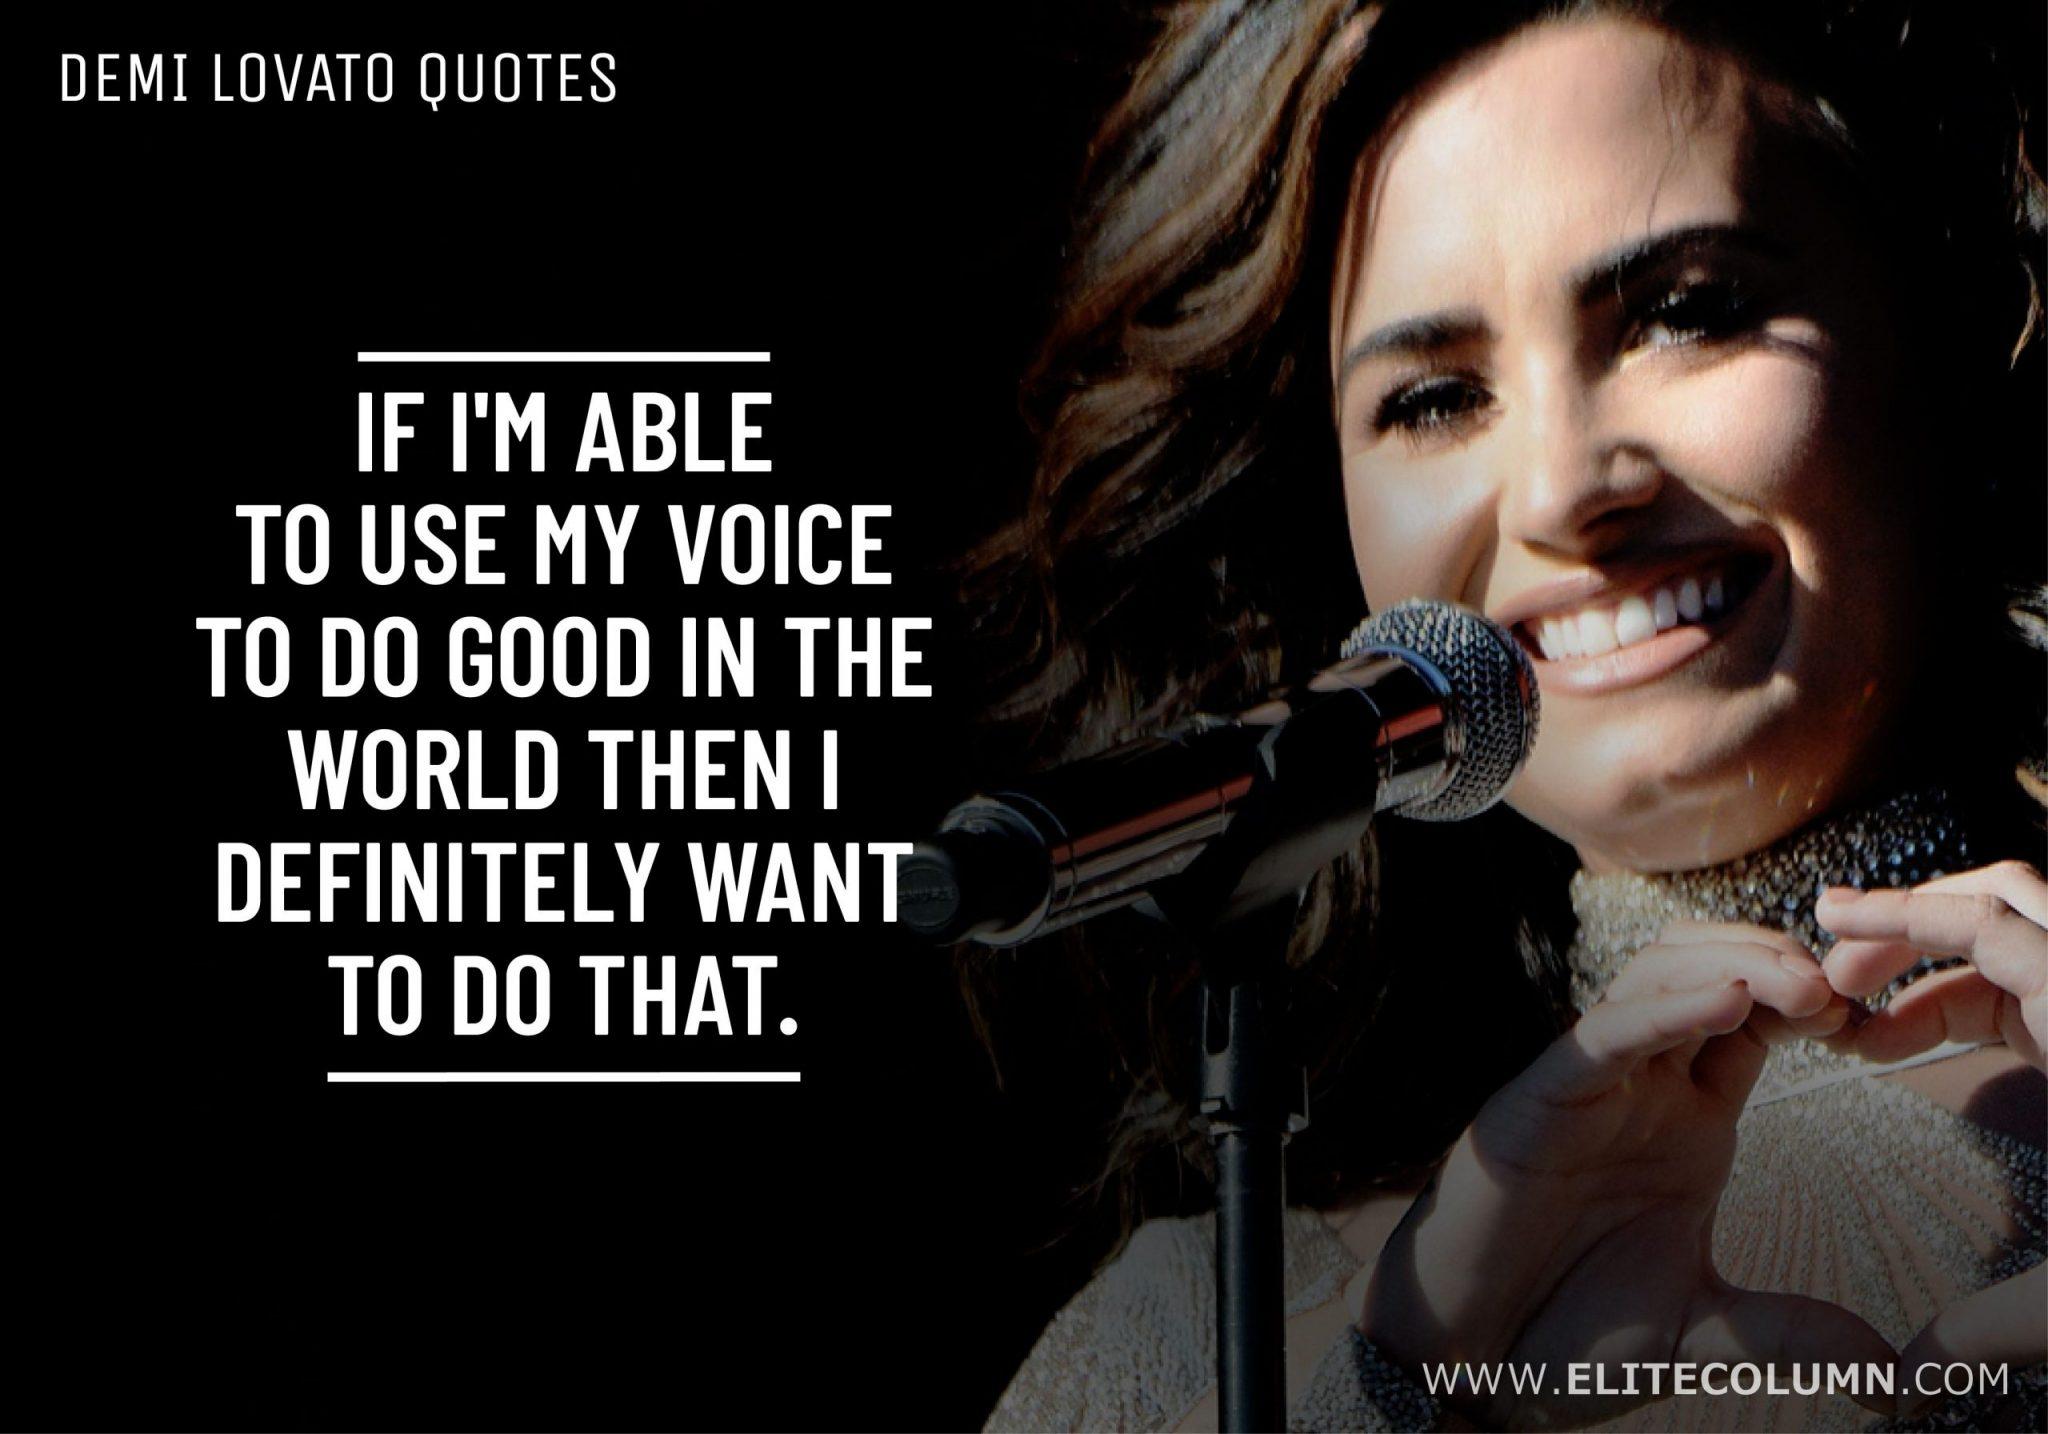 Demi Lovato Quotes (10)